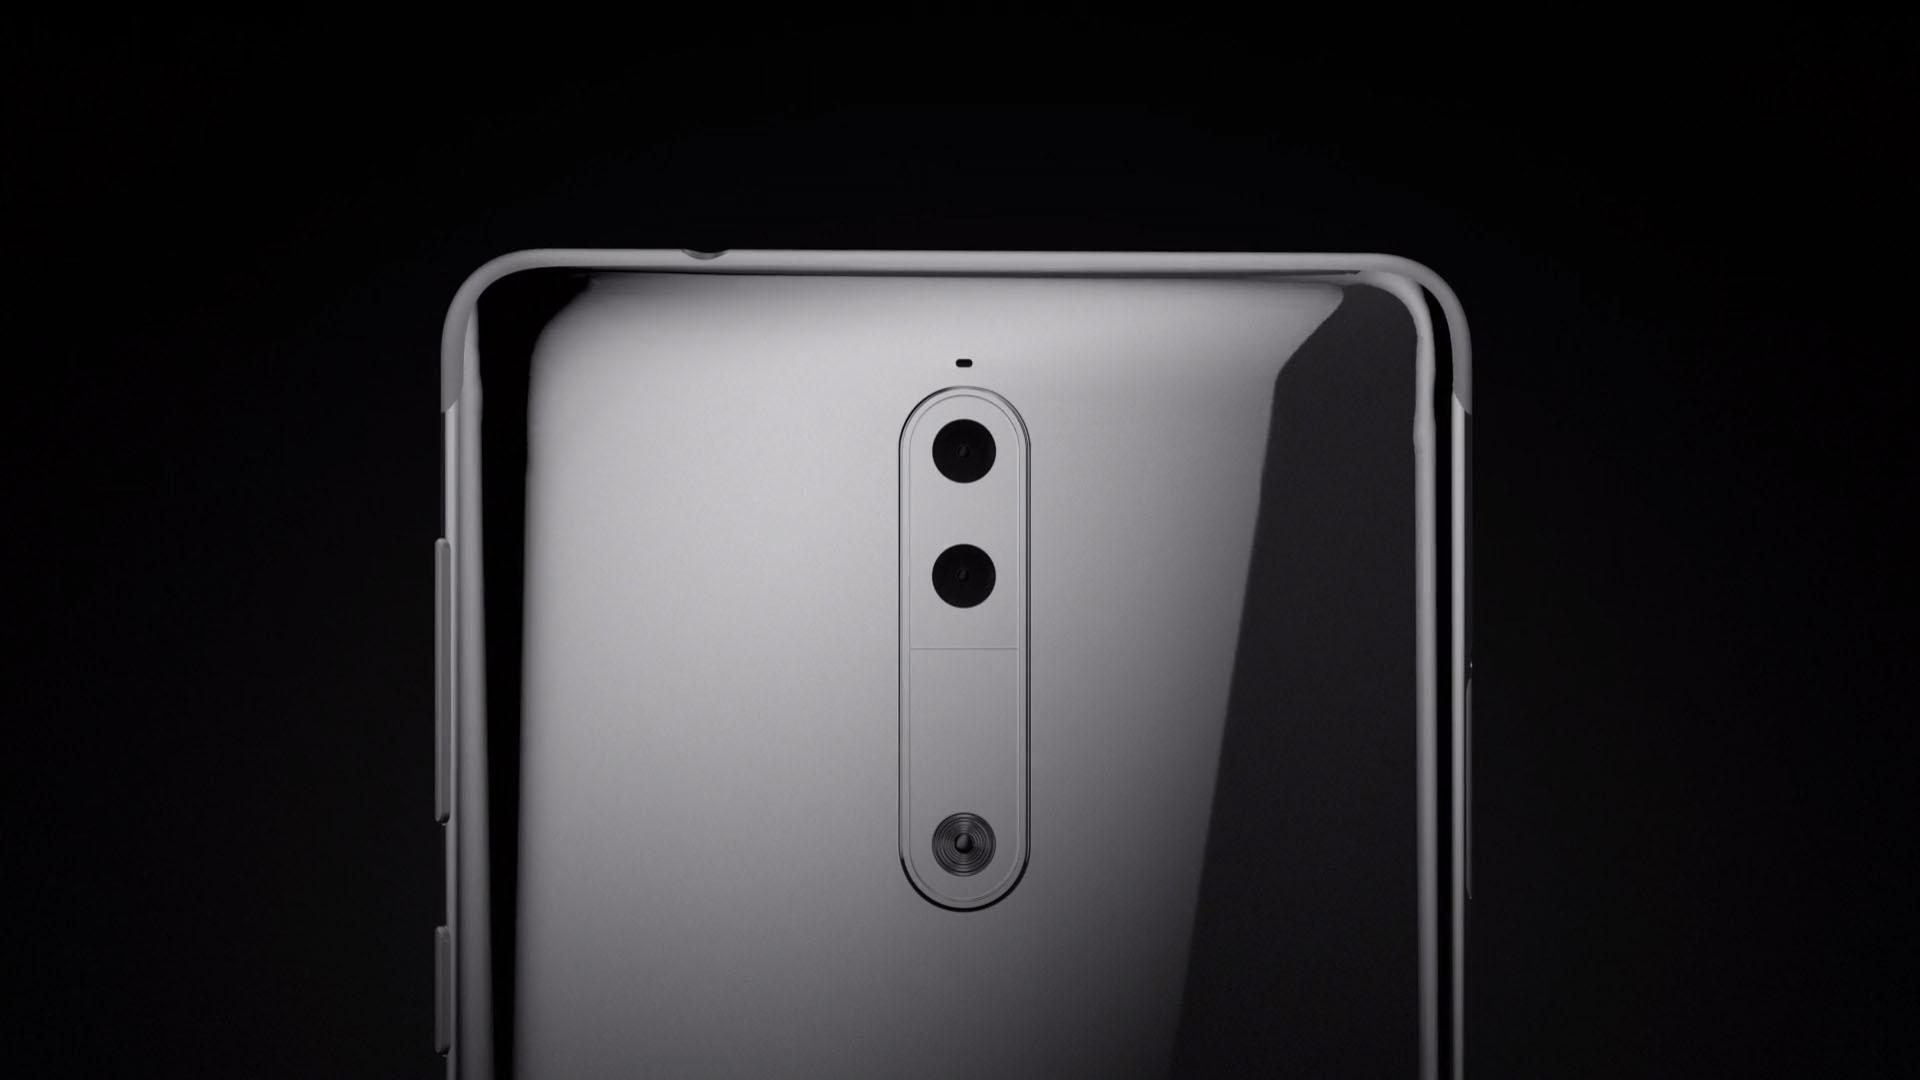 Nokia 9 sorpresa kameraren funtzioekin!